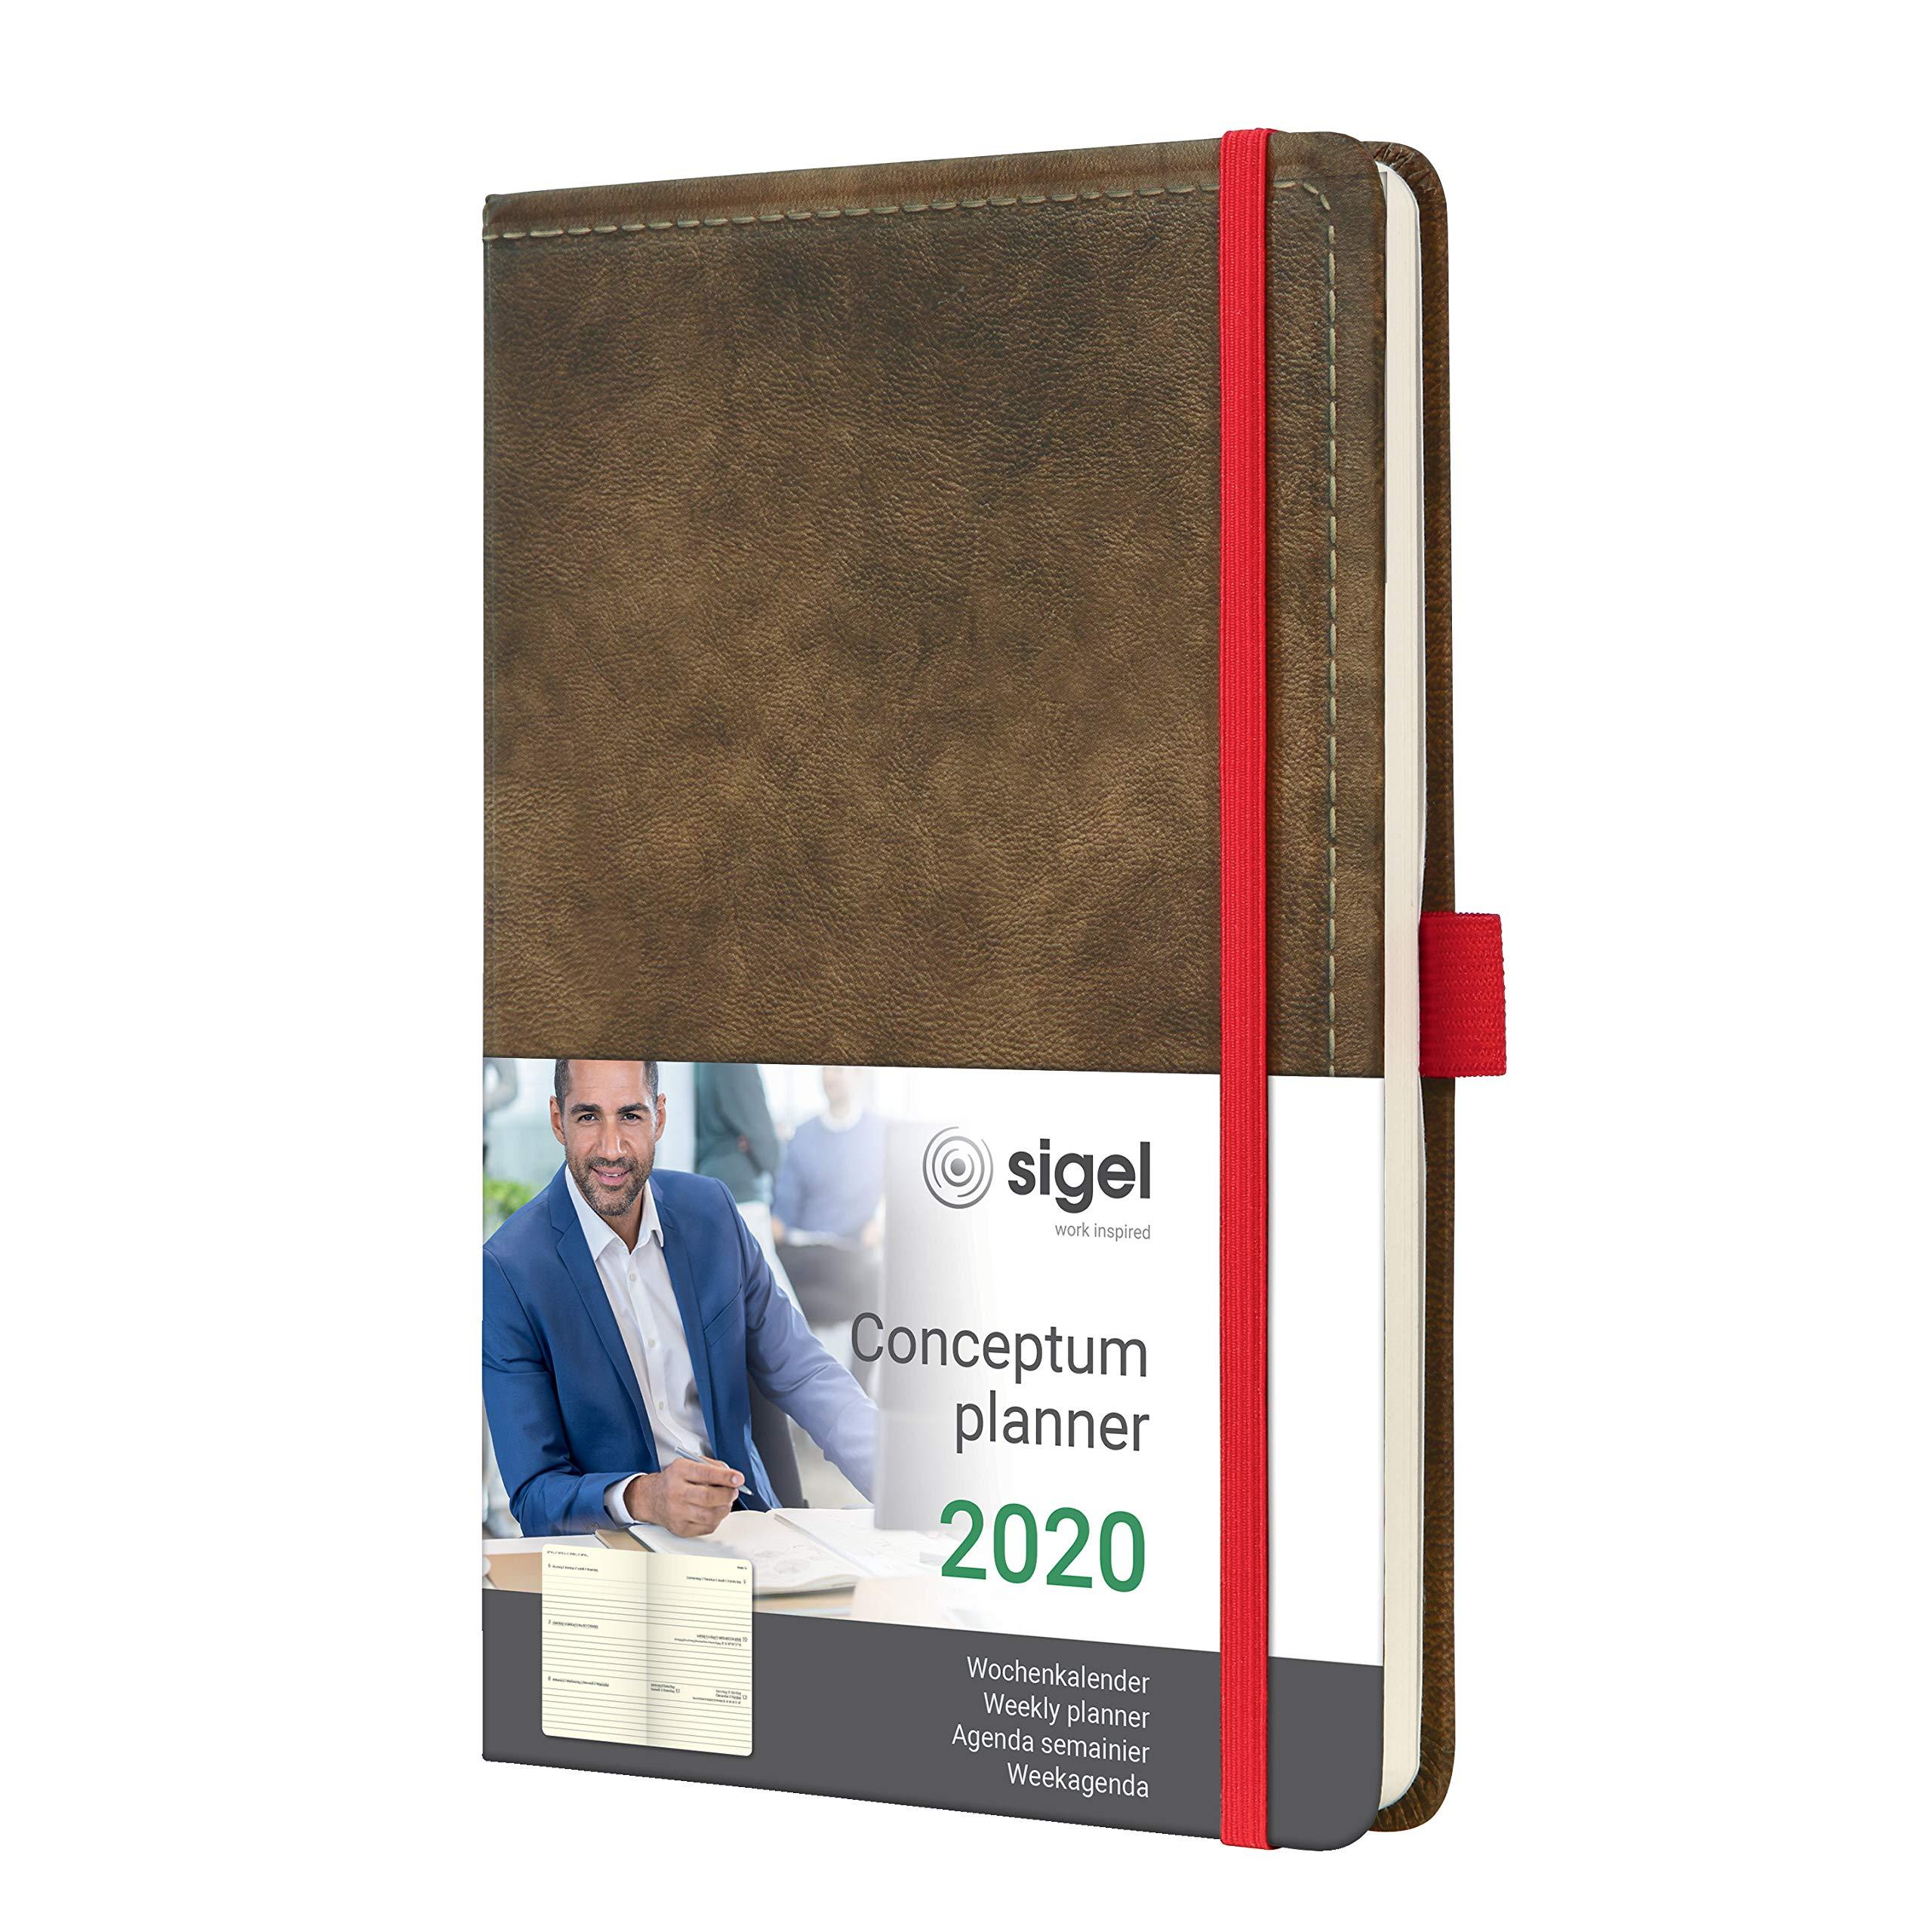 SIGEL C2055 Wochenkalender 2020 Ca. A5 Hardcover Vintage Leder Optik Braun Conceptum   Weitere Modelle